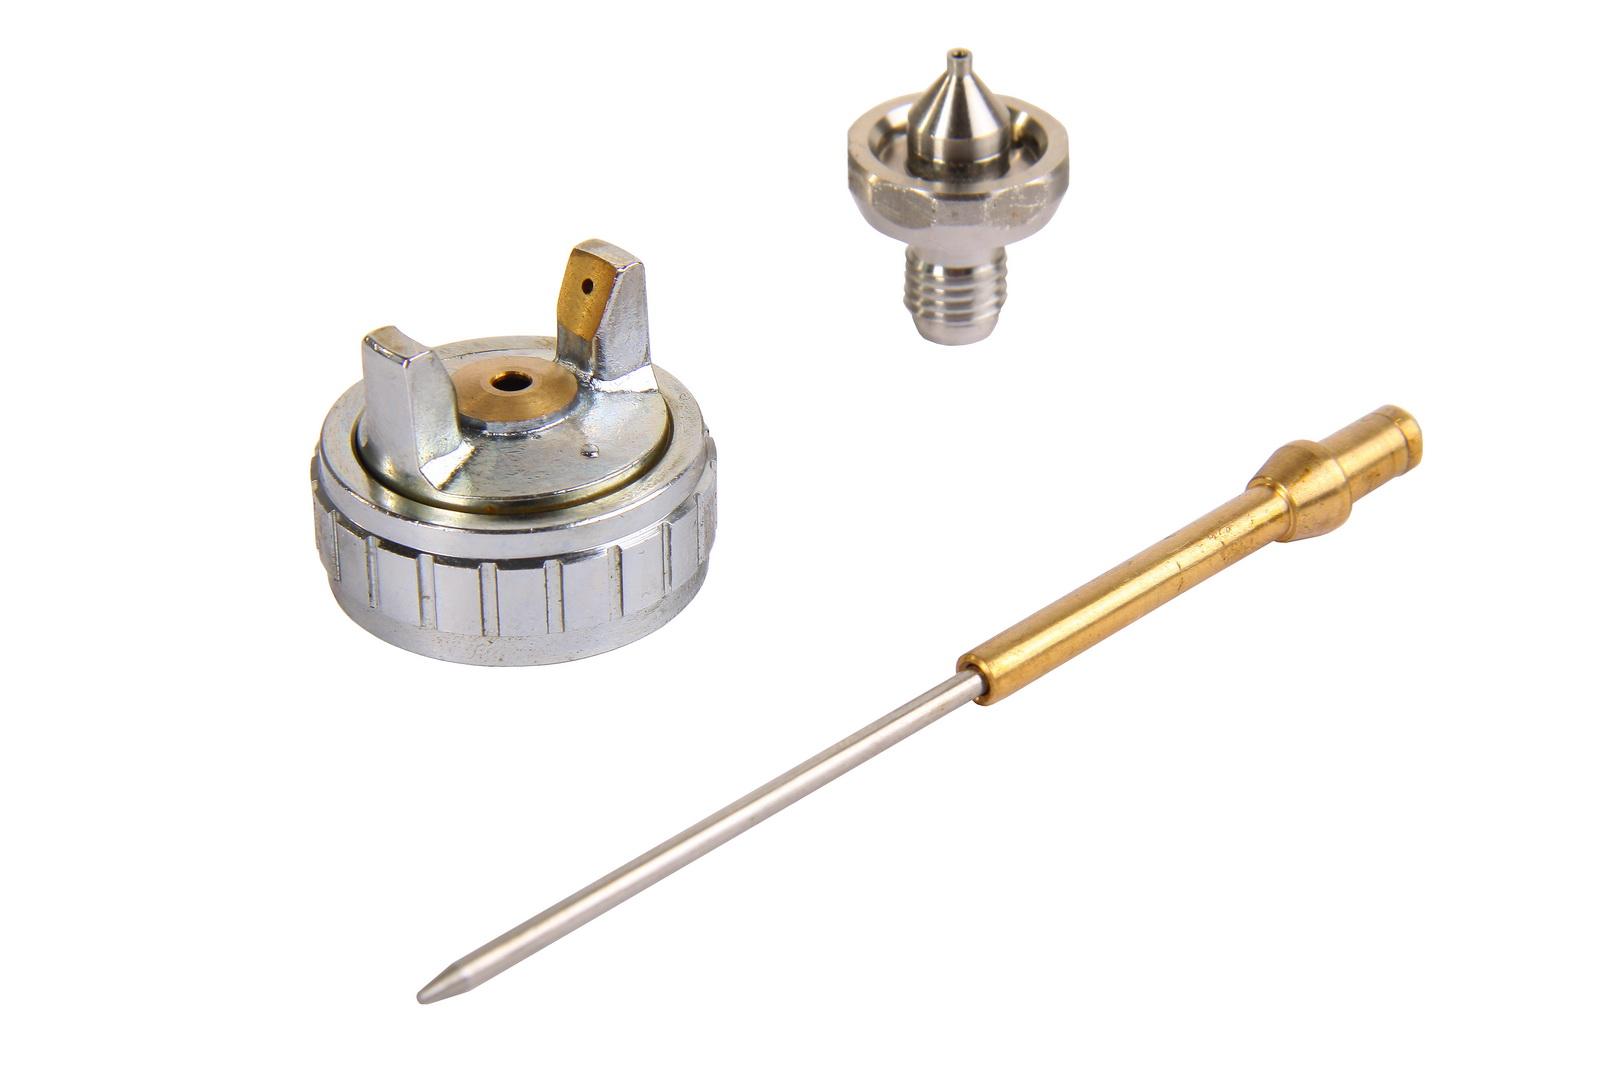 Сопло Wester 804-015 for deutz 1012 fuel shutdown solenoid valve 0419 9900 04199900 12v